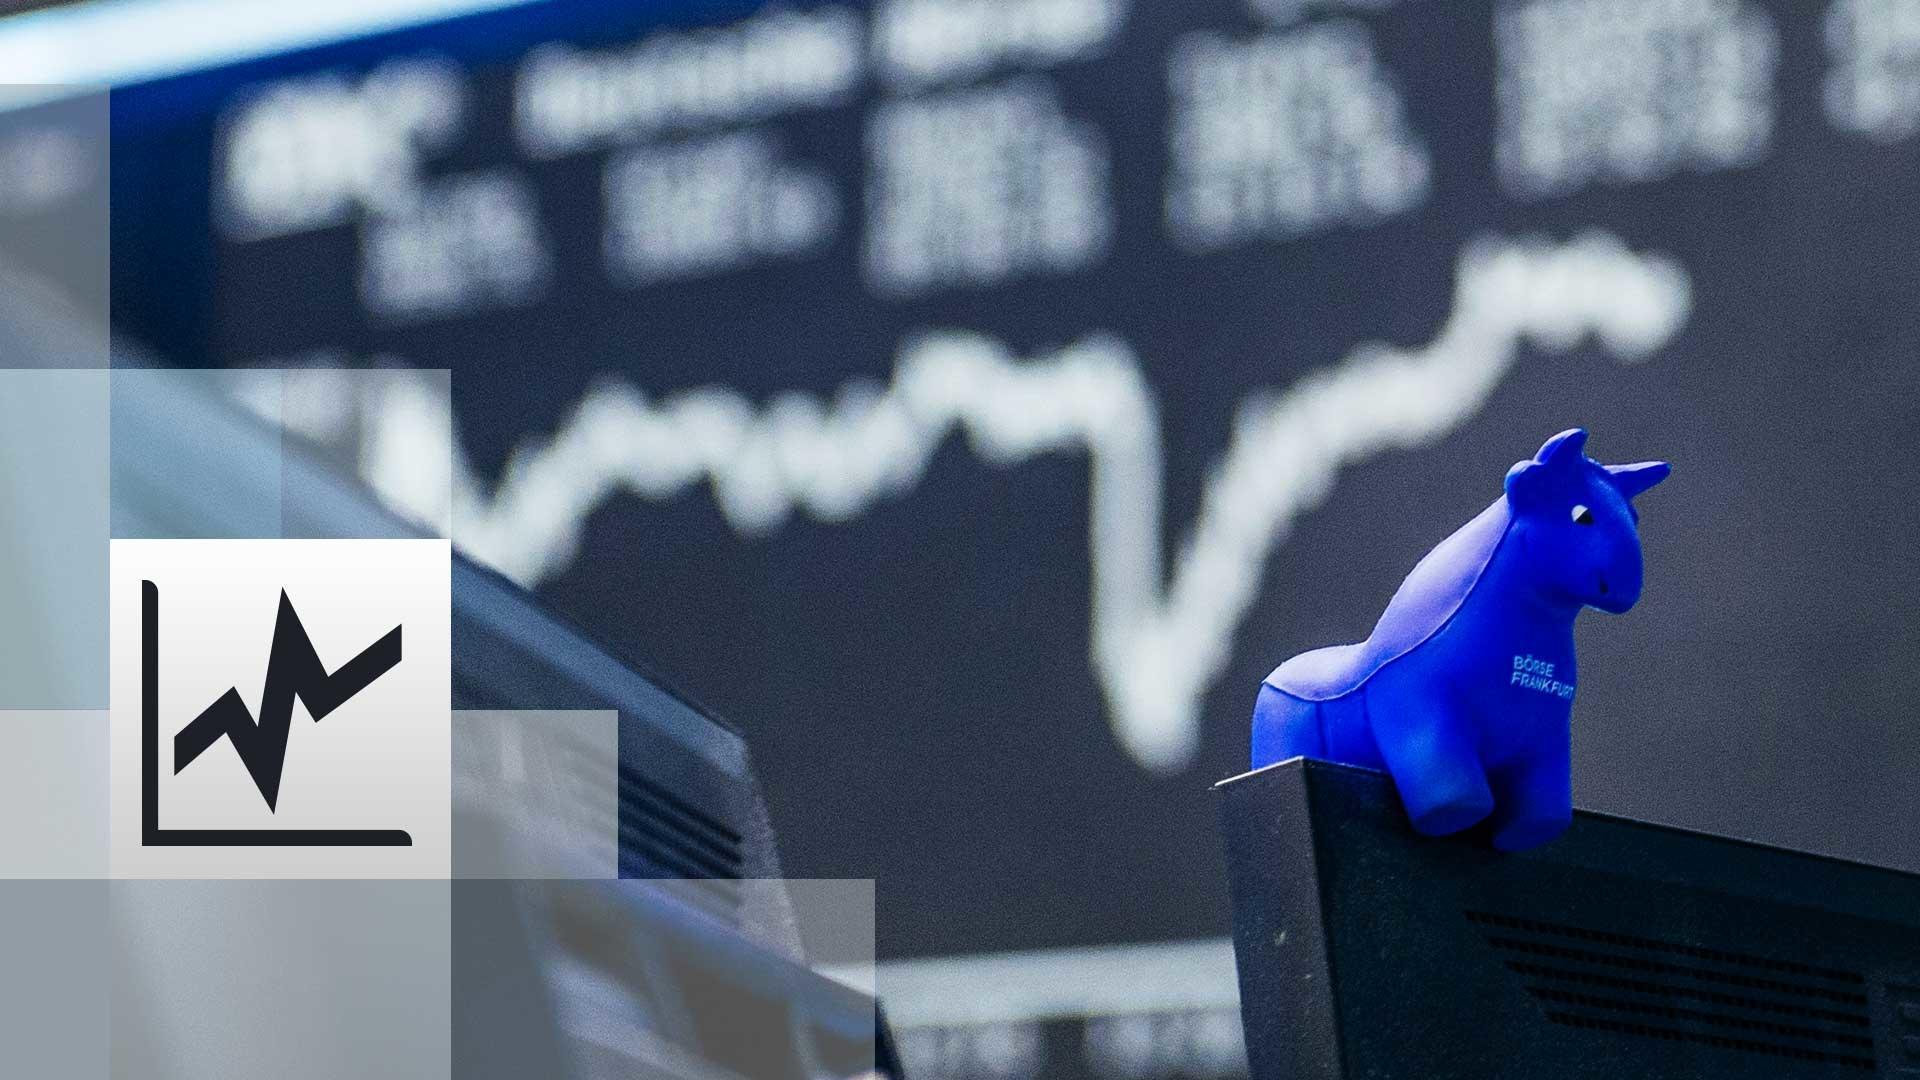 DAX auch am Mittag freundlich - Euro stärker